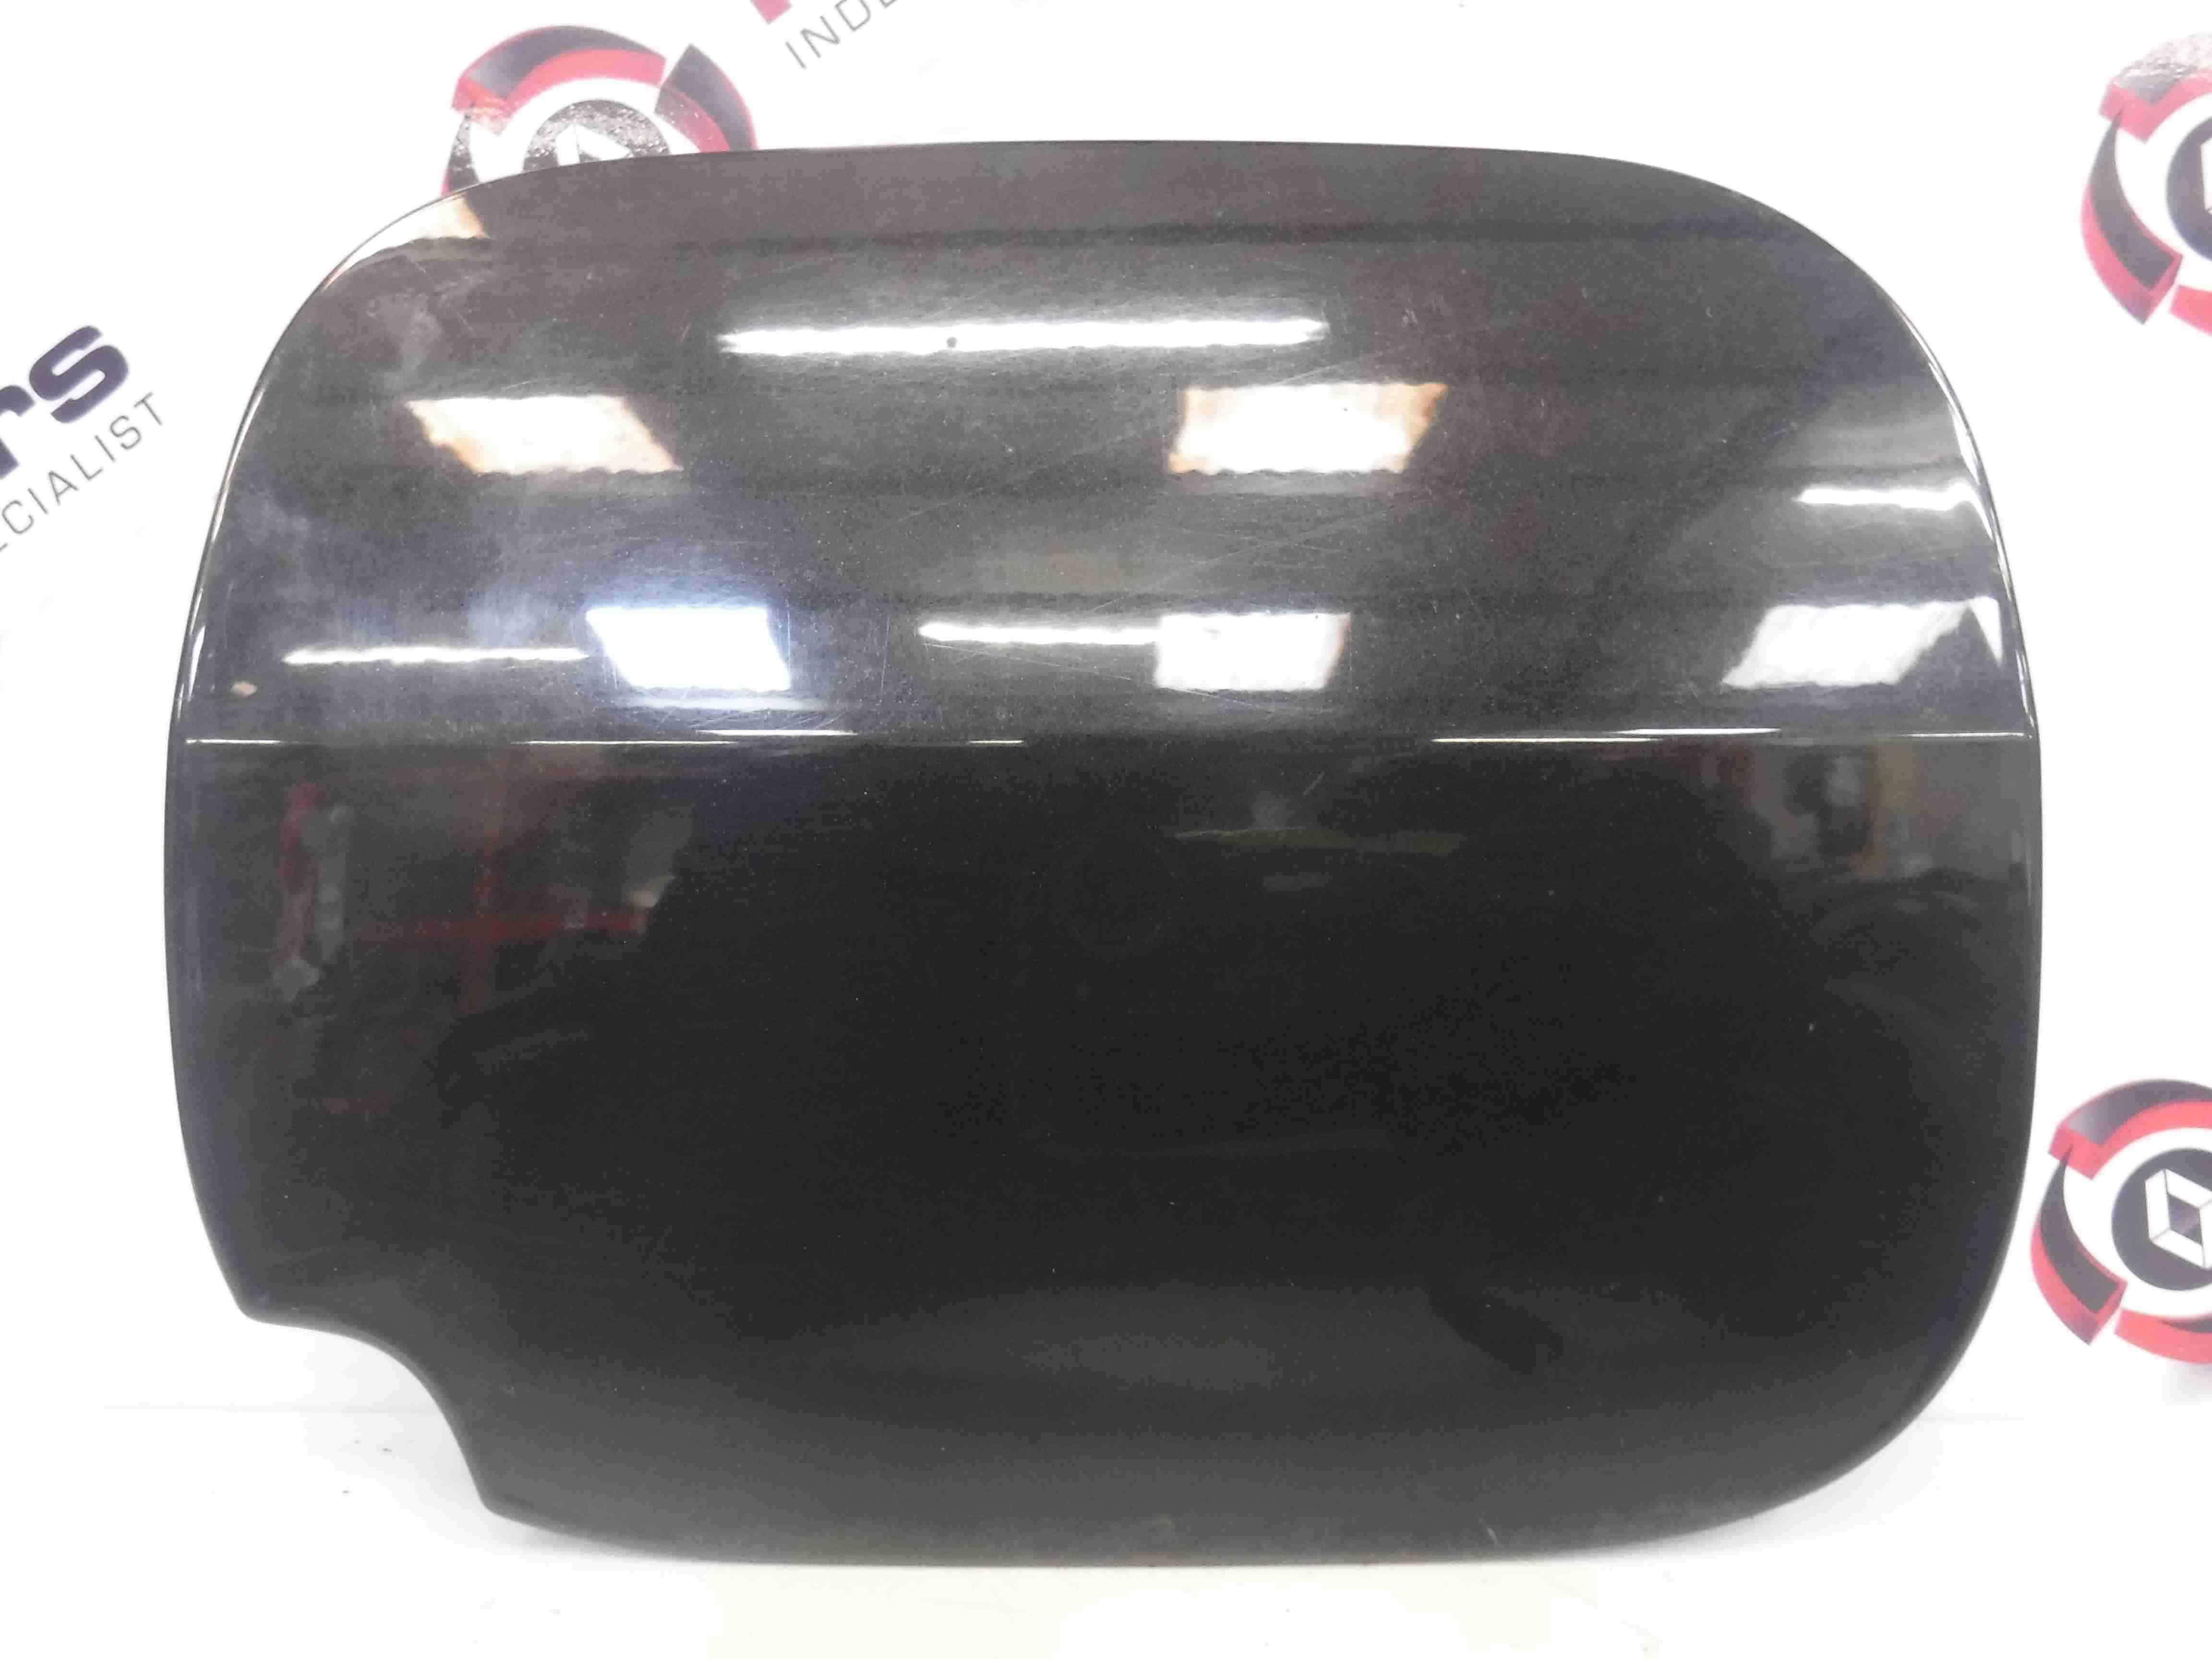 Renault Clio MK3 2005-2012 Fuel Flap Cover Black 676 8200290088